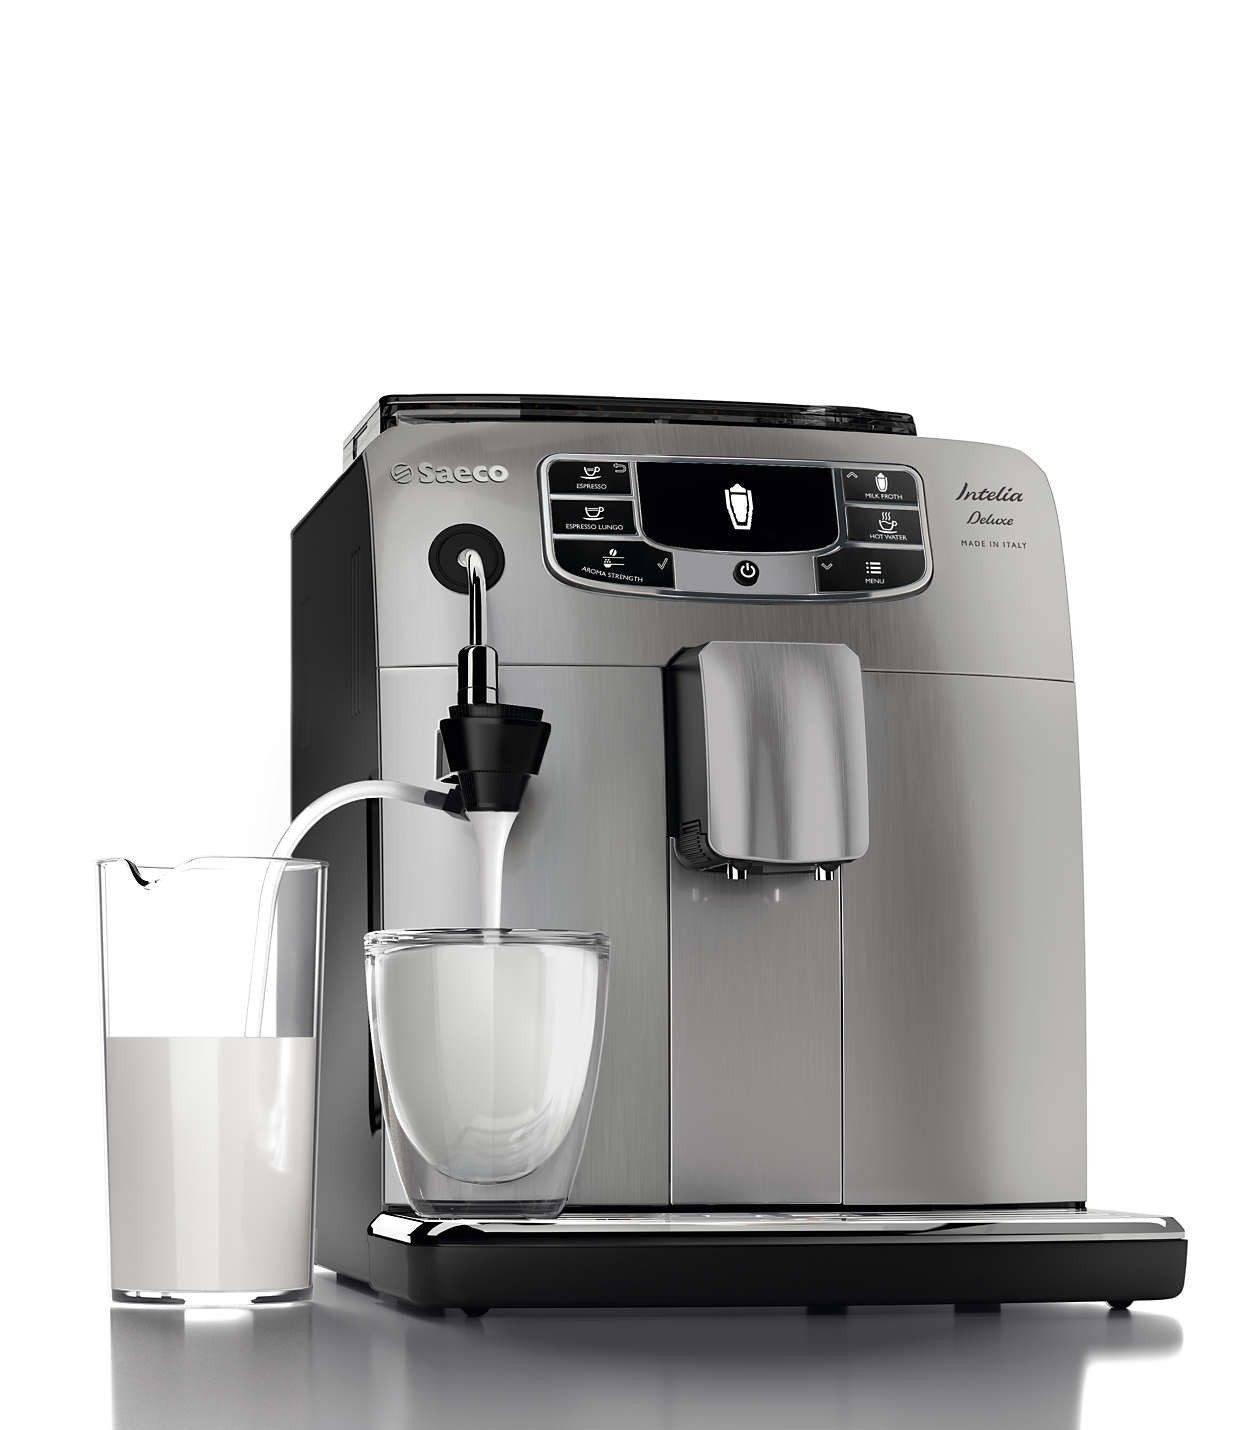 Кофемашина philips (35 фото): модели saeco и xsmall, senseo и syntia, hd и poemia, отзывы